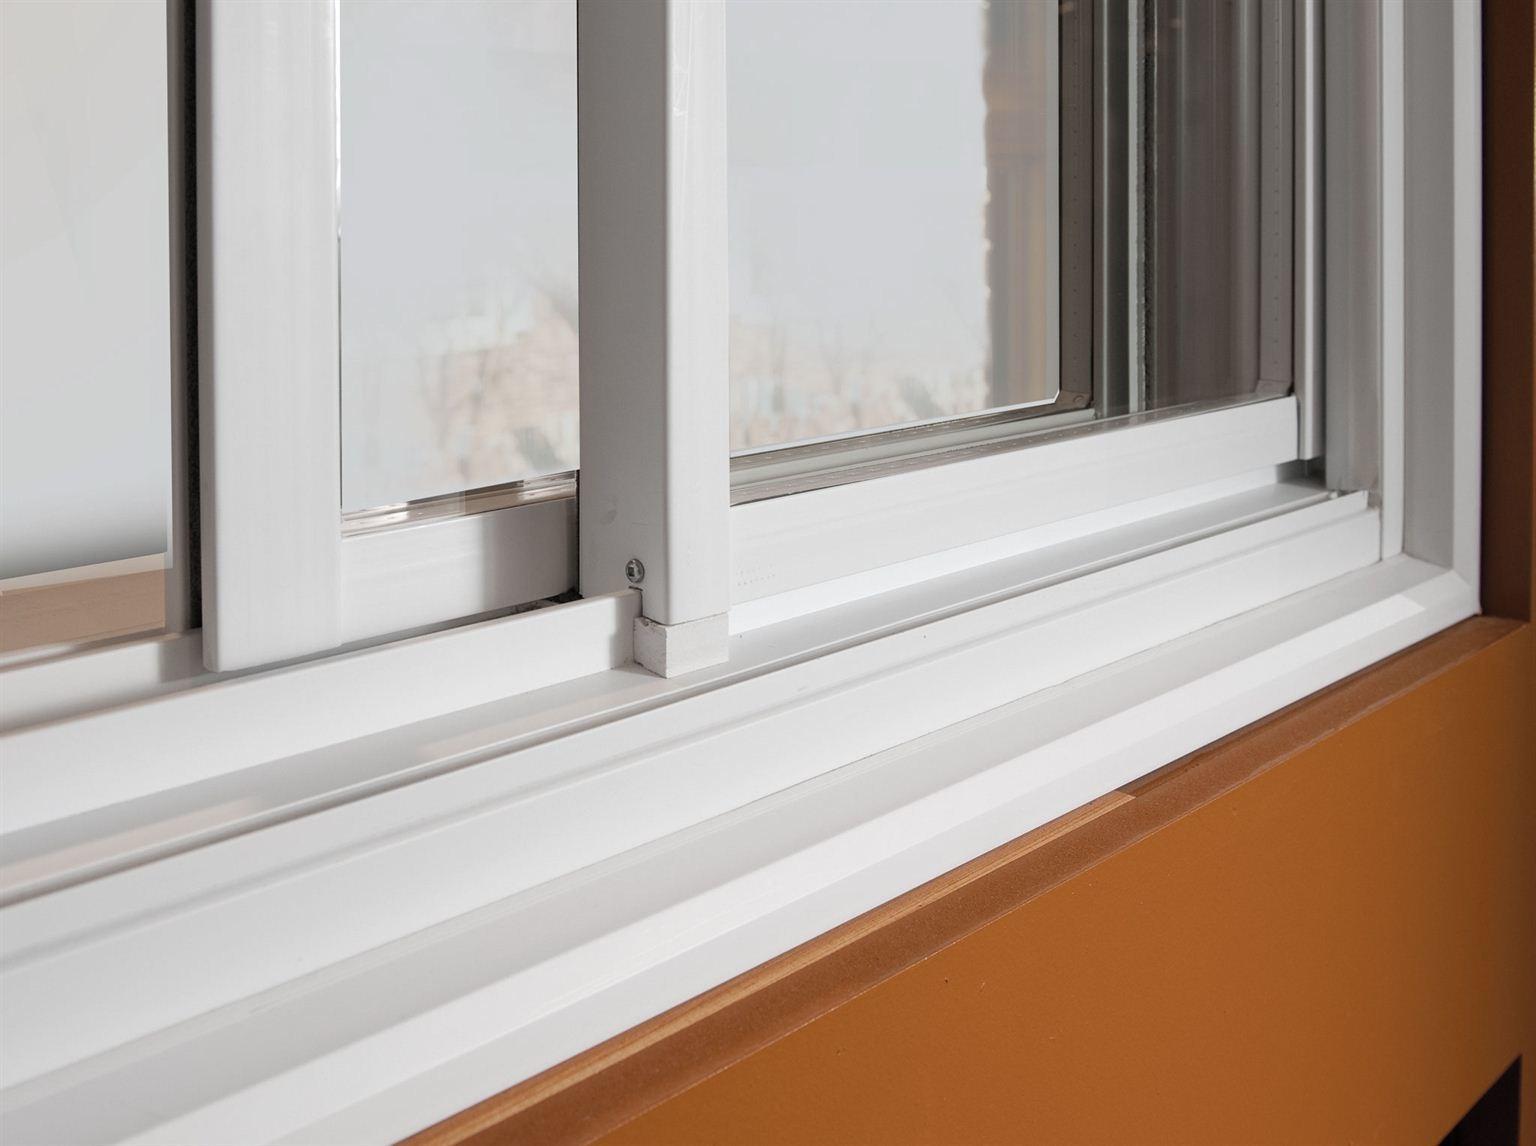 Prix Changement Fenetre Maison est-ce le moment de changer vos portes et fenêtres